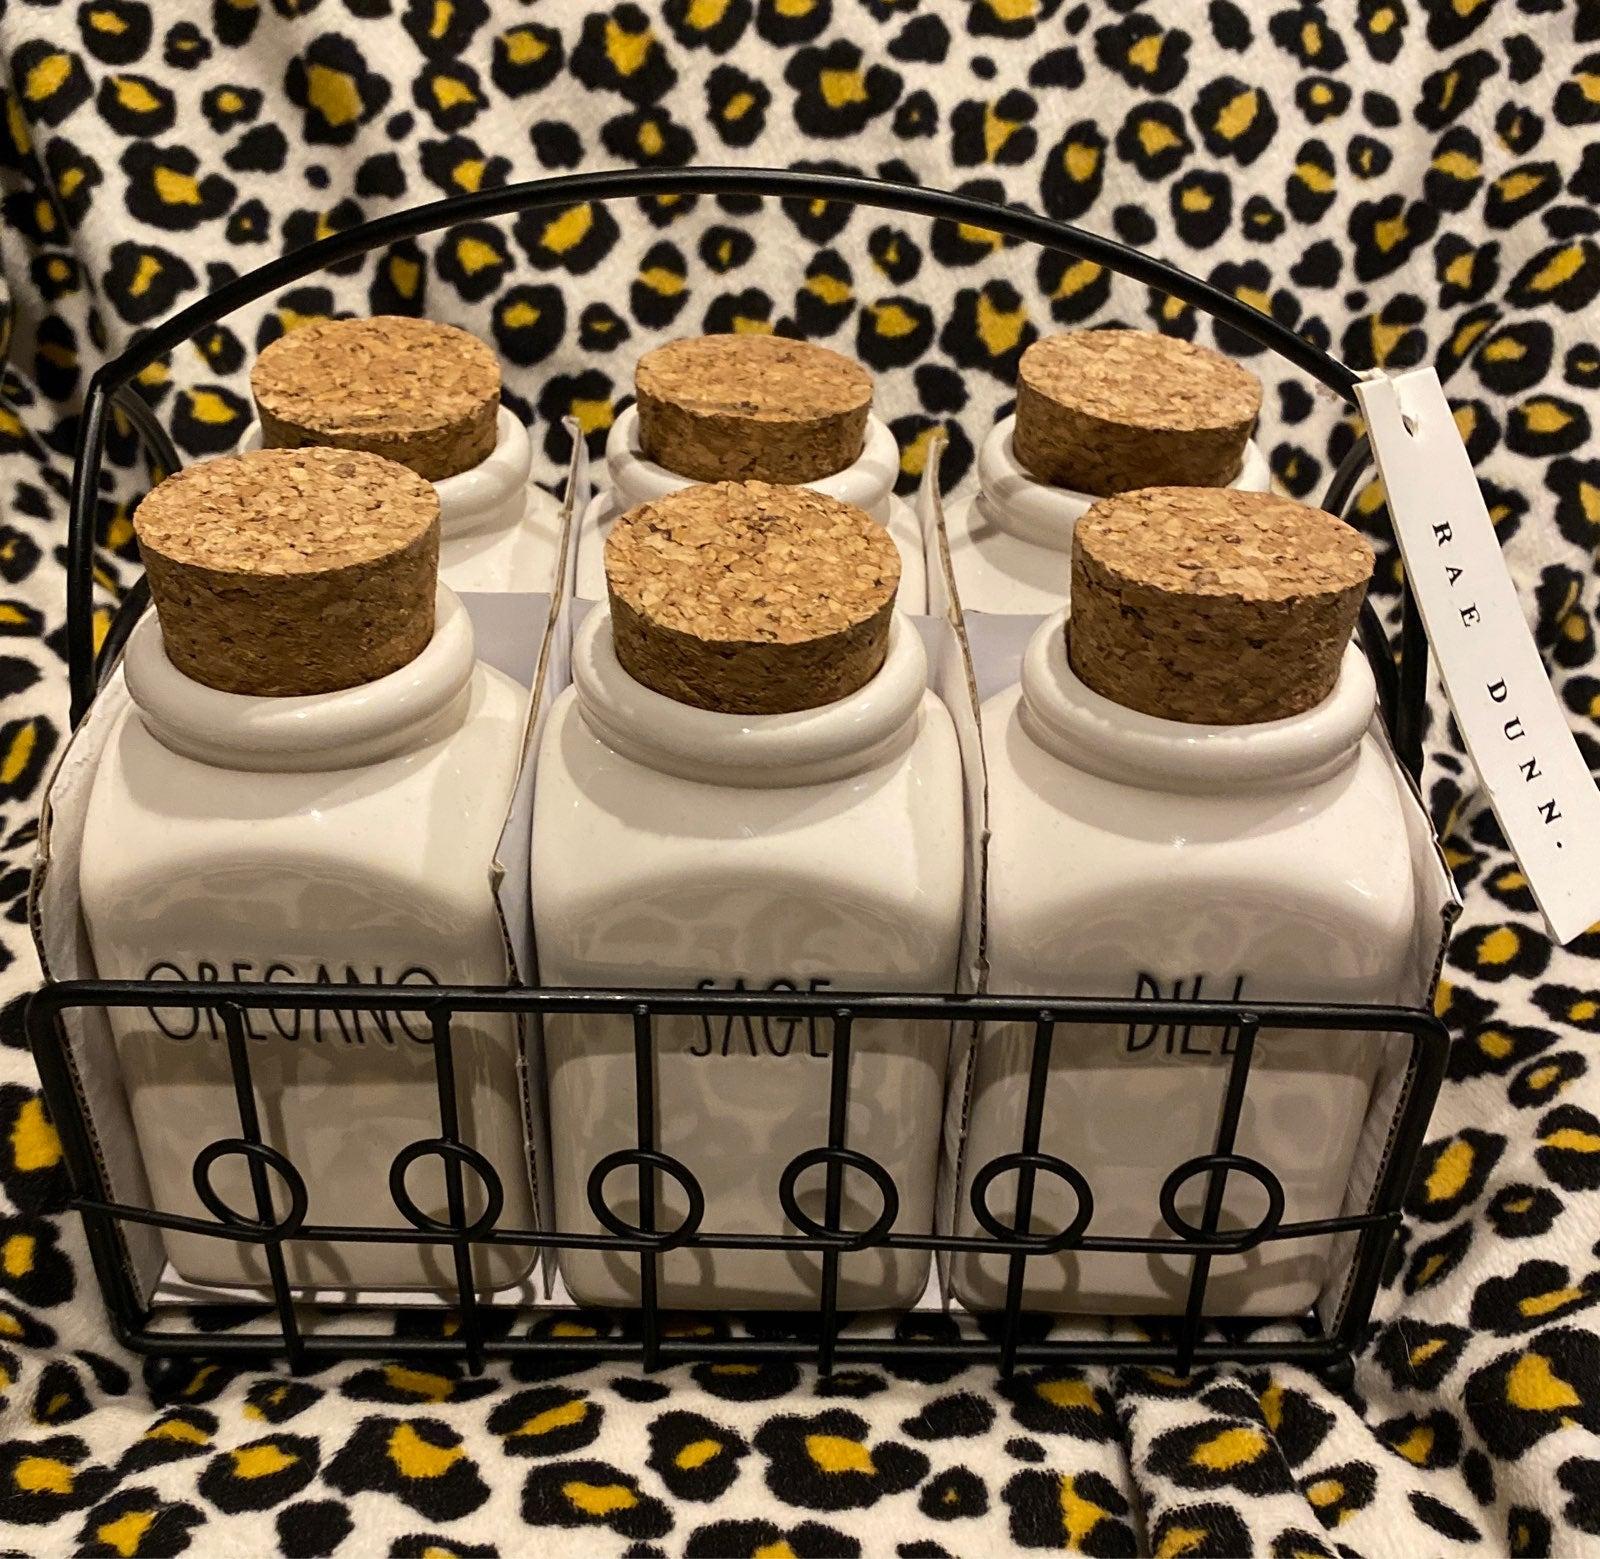 Rae Dunn Spice Jars and Rack